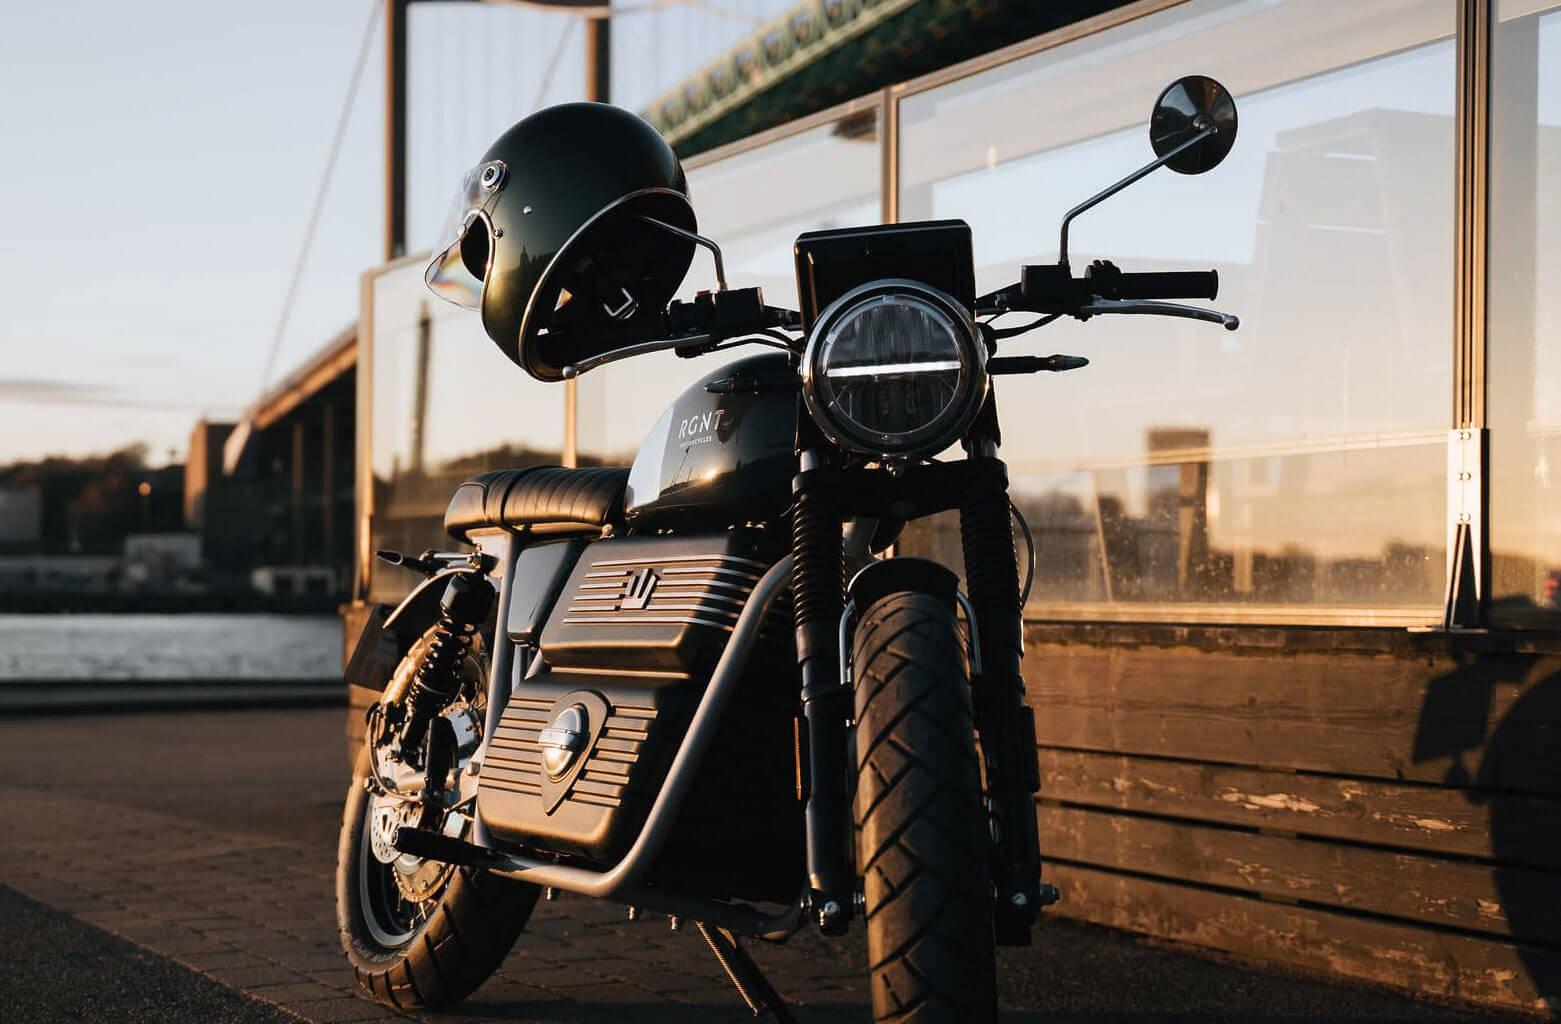 RGNT Scrambler No1 elektromos motorkerékpár